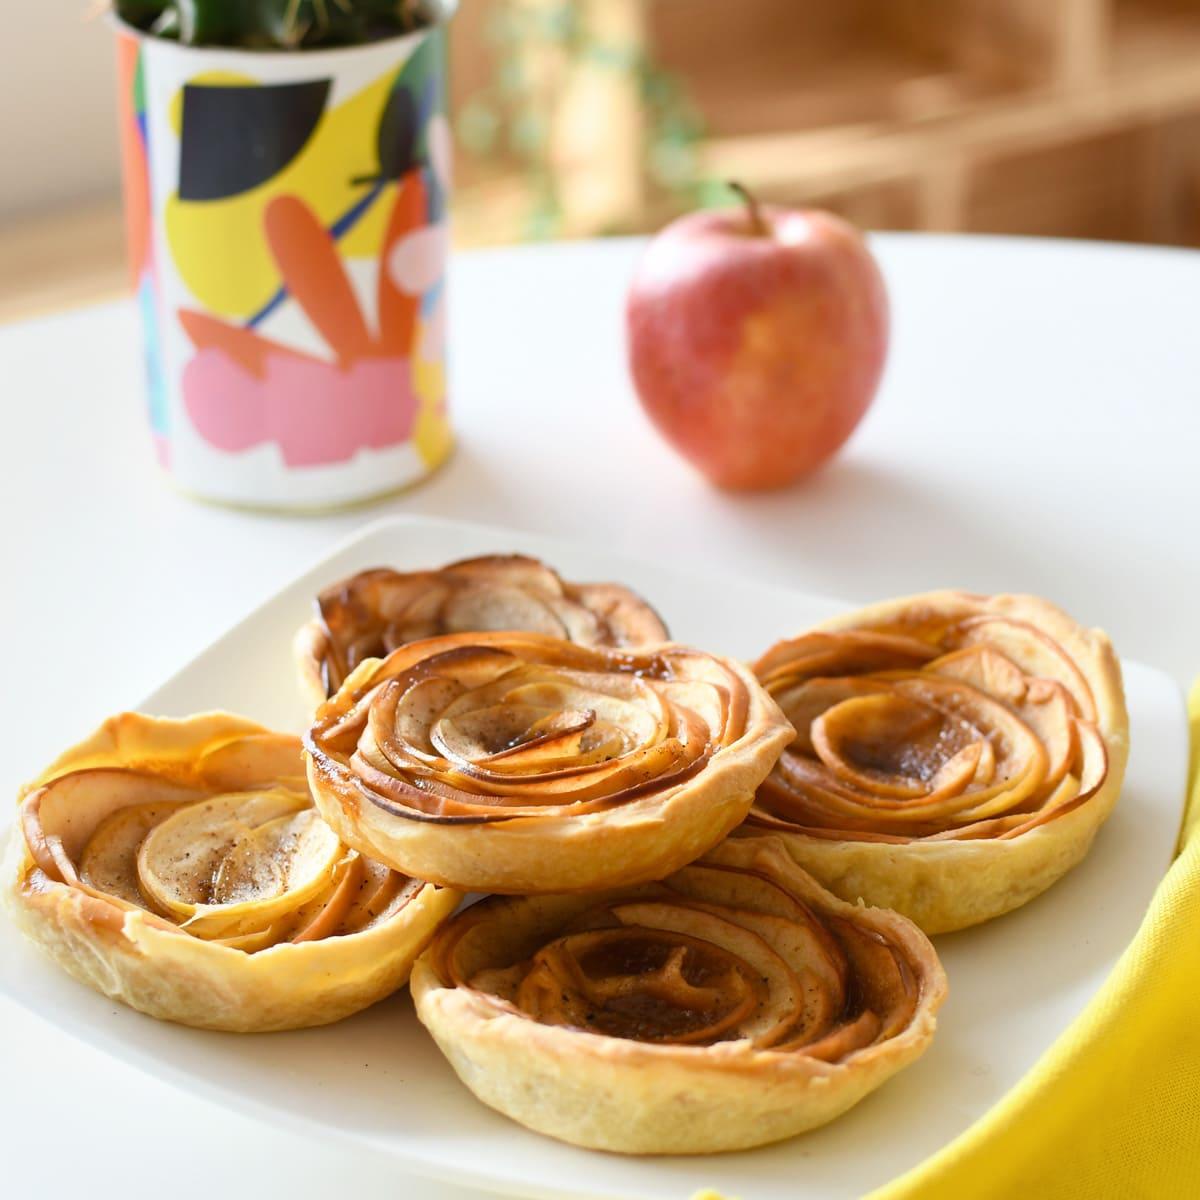 Réalisez facilement des tartelettes aux pommes et au caramel, un délicieux goûter normand et un bel avant-goût de l'automne !